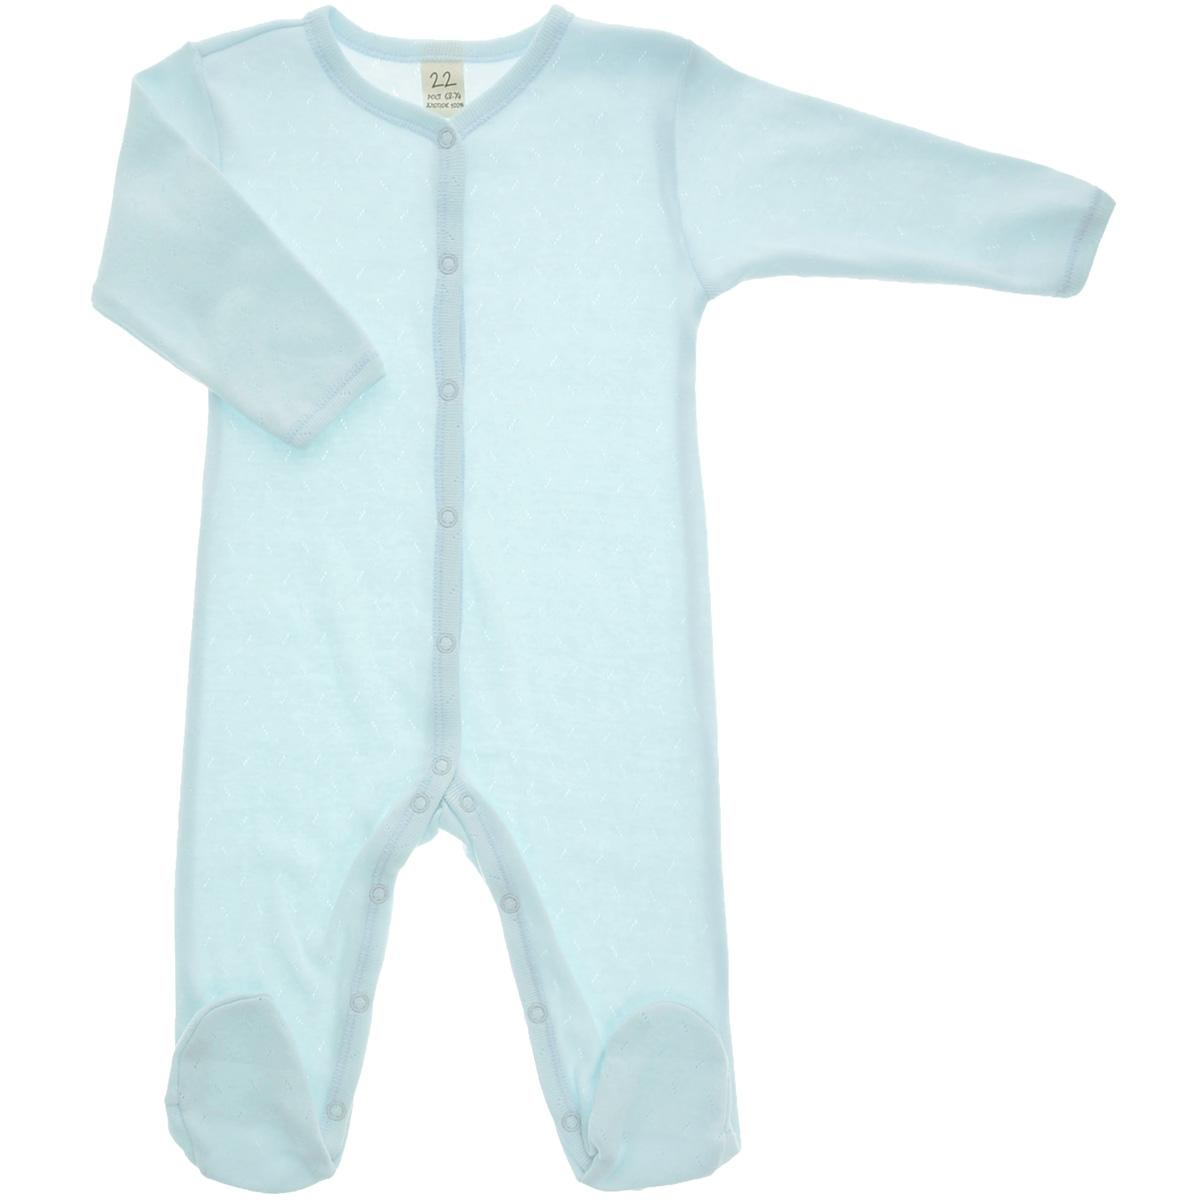 Комбинезон детский Lucky Child Ажур, цвет: голубой. 0-12. Размер 56/620-12Детский комбинезон Lucky Child - очень удобный и практичный вид одежды для малышей. Комбинезон выполнен из натурального хлопка, благодаря чему он необычайно мягкий и приятный на ощупь, не раздражают нежную кожу ребенка и хорошо вентилируются, а эластичные швы приятны телу малыша и не препятствуют его движениям. Комбинезон с длинными рукавами и закрытыми ножками имеет застежки-кнопки от горловины до щиколоток, которые помогают легко переодеть младенца или сменить подгузник.Модель выполнена из ткани с ажурным узором. С детским комбинезоном Lucky Child спинка и ножки вашего малыша всегда будут в тепле, он идеален для использования днем и незаменим ночью. Комбинезон полностью соответствует особенностям жизни младенца в ранний период, не стесняя и не ограничивая его в движениях!